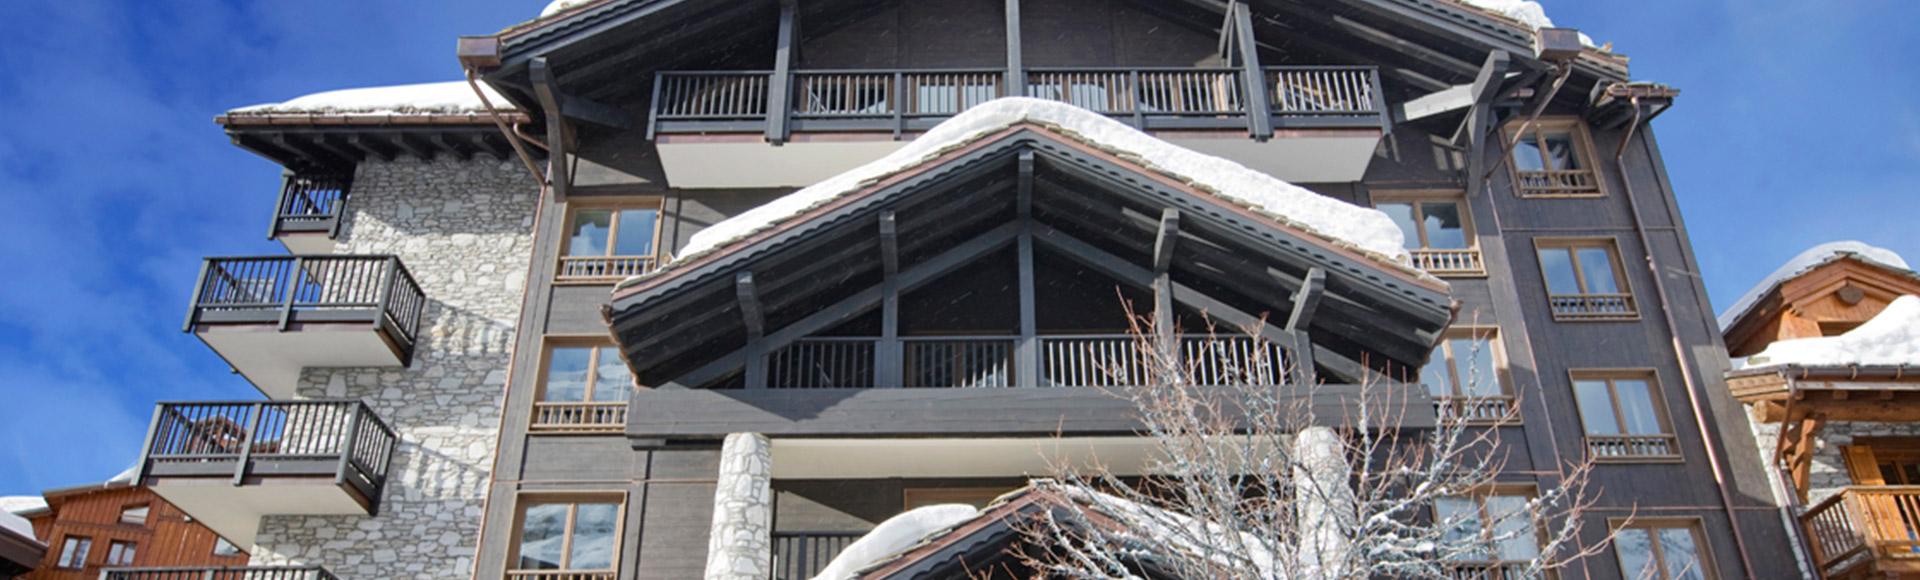 16-Hotel-Avenue-Lodge